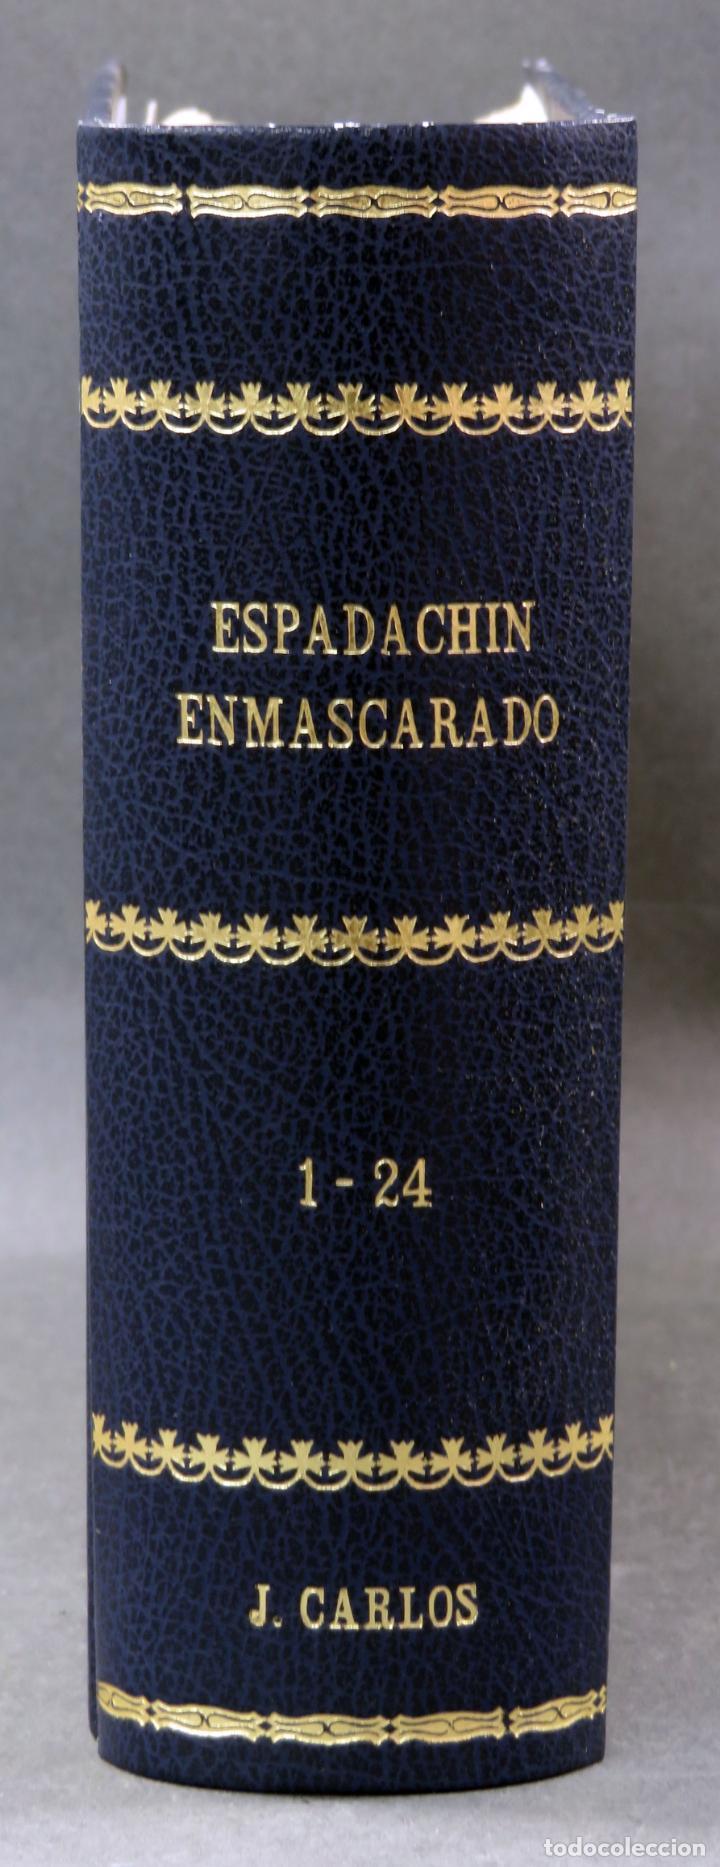 Tebeos: Espadachín Enmascarado Editora Valenciana 1981 completo nº 1 al 84 4 tomos encuadernados 2ª edición - Foto 5 - 149204866